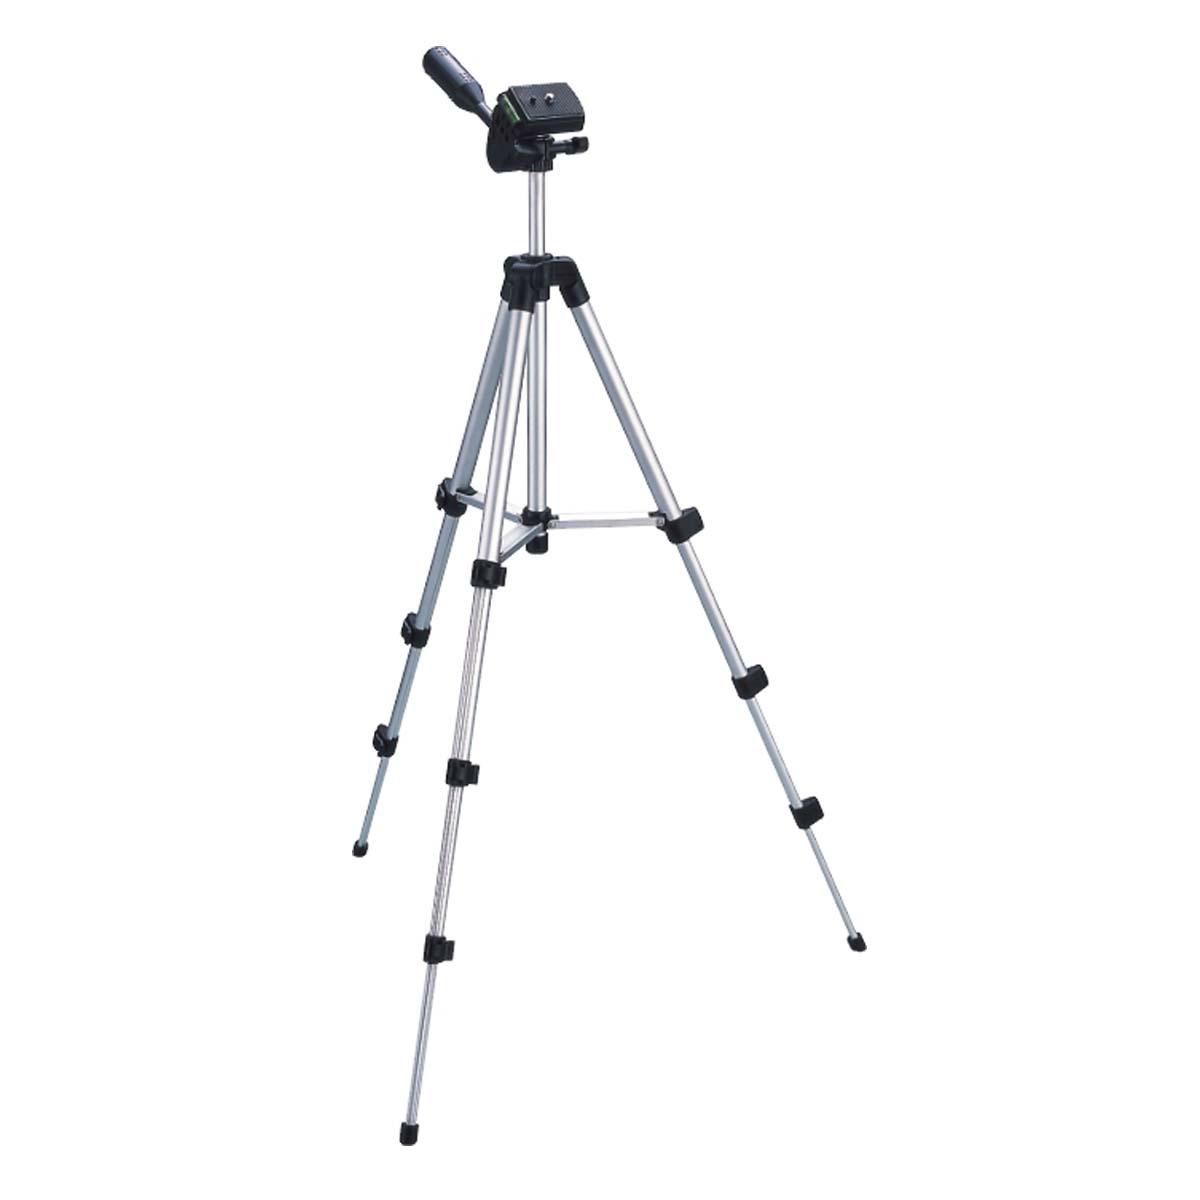 轻便携数码照相机微单三脚架手机拍照自拍支架摄像三角架 送夹子